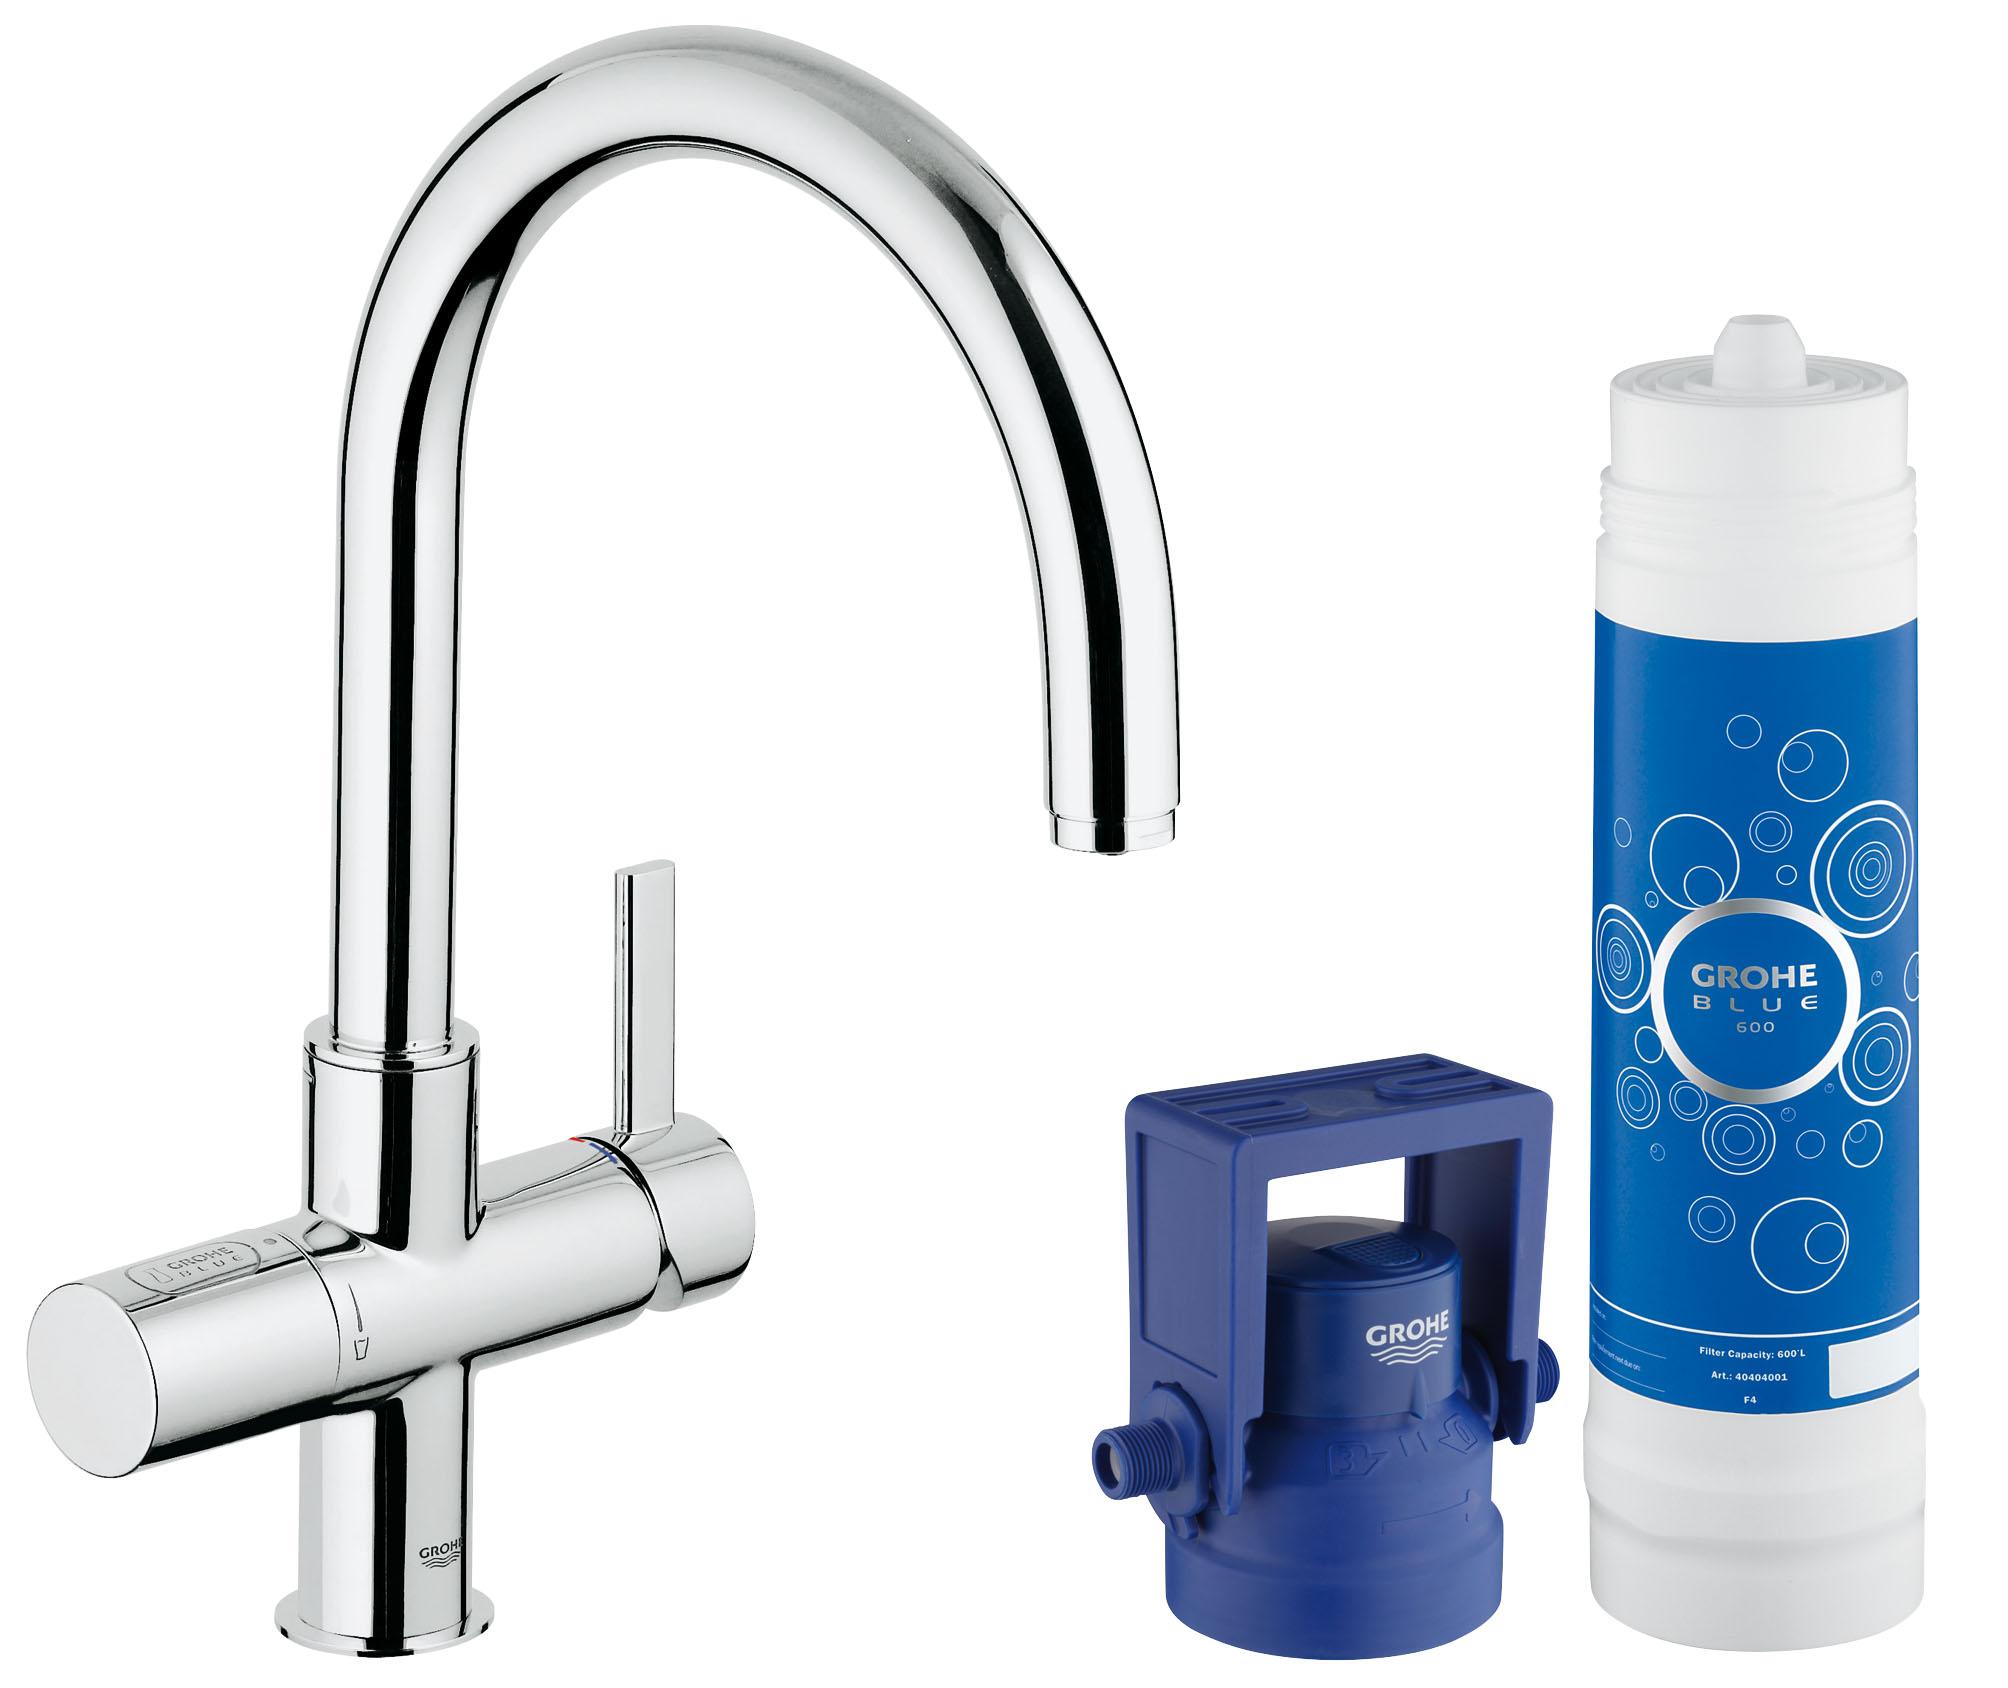 Встраиваемый фильтр Grohe Blue (33249001)68/5/3GROHE Blue Pure: система фильтрации воды, подающая свежую питьевую воду из-под кранаЭтот кухонный смеситель из серии GROHE Blue Pure превращает обычную водопроводную воду в чистую, свежую и пригодную для питья. Система фильтрации GROHE Blue Pure, которая активируется отдельным рычагом для подачи воды, очищает воду от нежелательных примесей, ухудшающих ее вкус и запах, включая хлор. Высокий излив, вращающийся в радиусе 180°, придает смесителю элегантный вид и позволяет с легкостью наполнять высокие графины очищенной питьевой водой прямо из-под крана. Технология GROHE SilkMove обеспечивает плавность регулировки напора воды при минимуме усилий. Разумеется, данный смеситель GROHE Pure Duo также выполняет все функции обычного кухонного смесителя. Благодаря хромированному покрытию GROHE StarLight, которое придает ему долговечность и износостойкость, этот сияющий смеситель всегда будет центром внимания в интерьере Вашей кухни.Особенности:Включает в себя:GROHE Blue Смеситель однорычажный для мойки с функцией очистки водопроводной водыМонтаж на одно отверстиеC-изливОтдельная рукоятка для фильтрованной водыКерамический вентиль 1/2?GROHE SilkMove керамический картридж 35 ммРегулировка расхода водыGROHE StarLight хромированная поверхность Поворотный трубкообразный изливПоворот излива на 180°Отдельные водотоки для питьевой и Водопроводной воды Гибкая подводкаТип защиты IP 21Одобрено в СE Для LED индикатора расхода фильтра используется сетевое напряжение 100-240 В AC 50/60 Гц, которое преобразуется в безопасное сверхнизкое напряжение 6 В DC Регулируется для фильтров на 600 л, 1500 л или 3000 лGROHE Blue фильтр на 600 лGROHE Blue регулируемая головка фильтра Класс шума I по DIN 4109